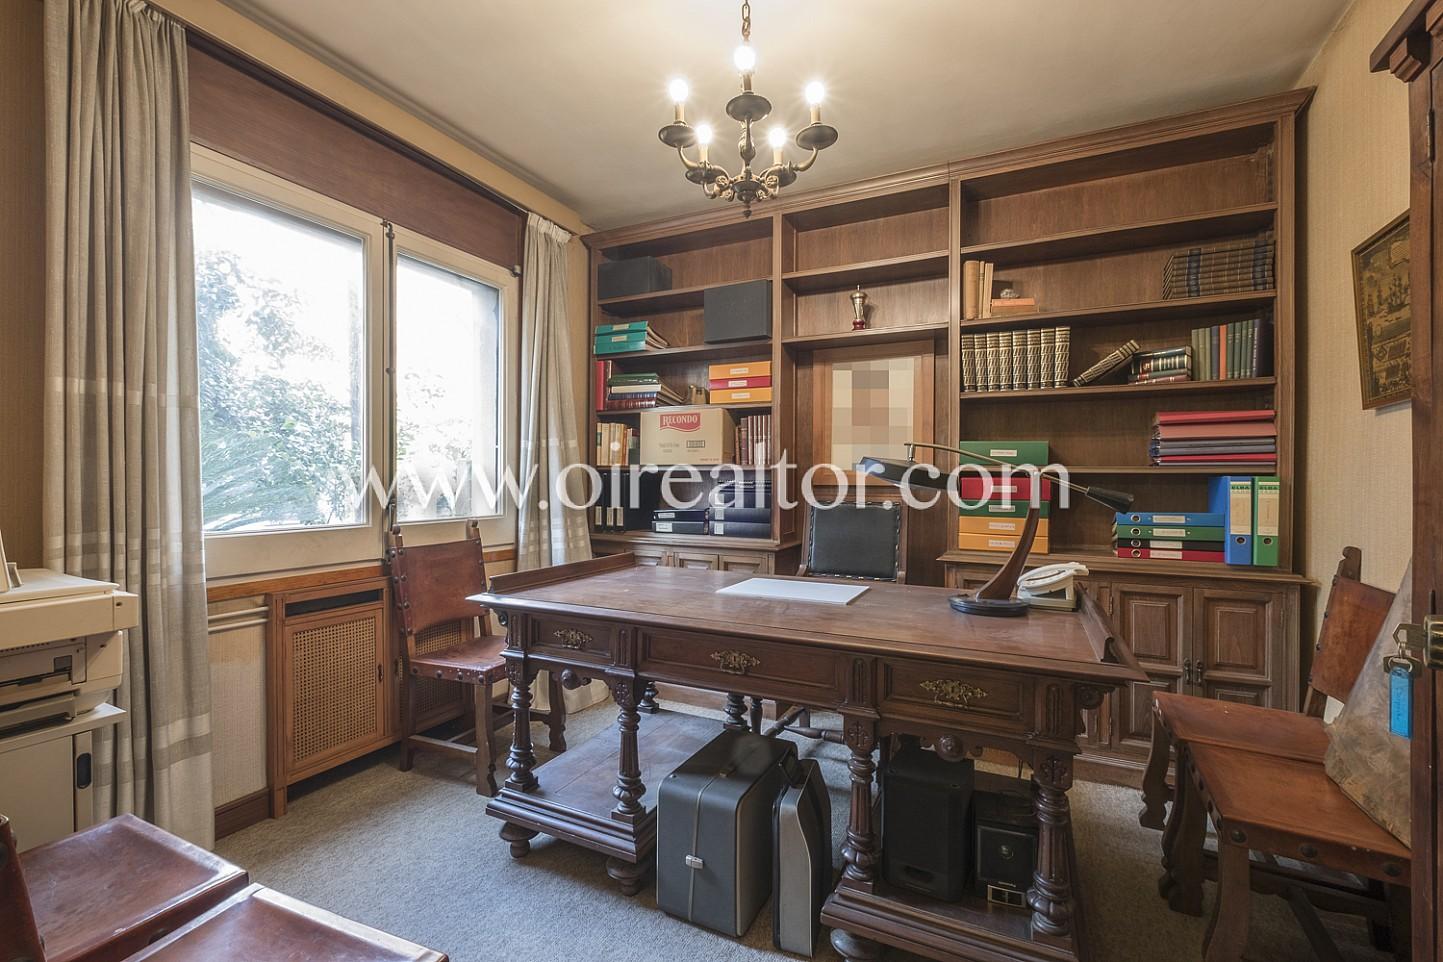 despacho, escritorio, despacho señorial, librería, biblioteca